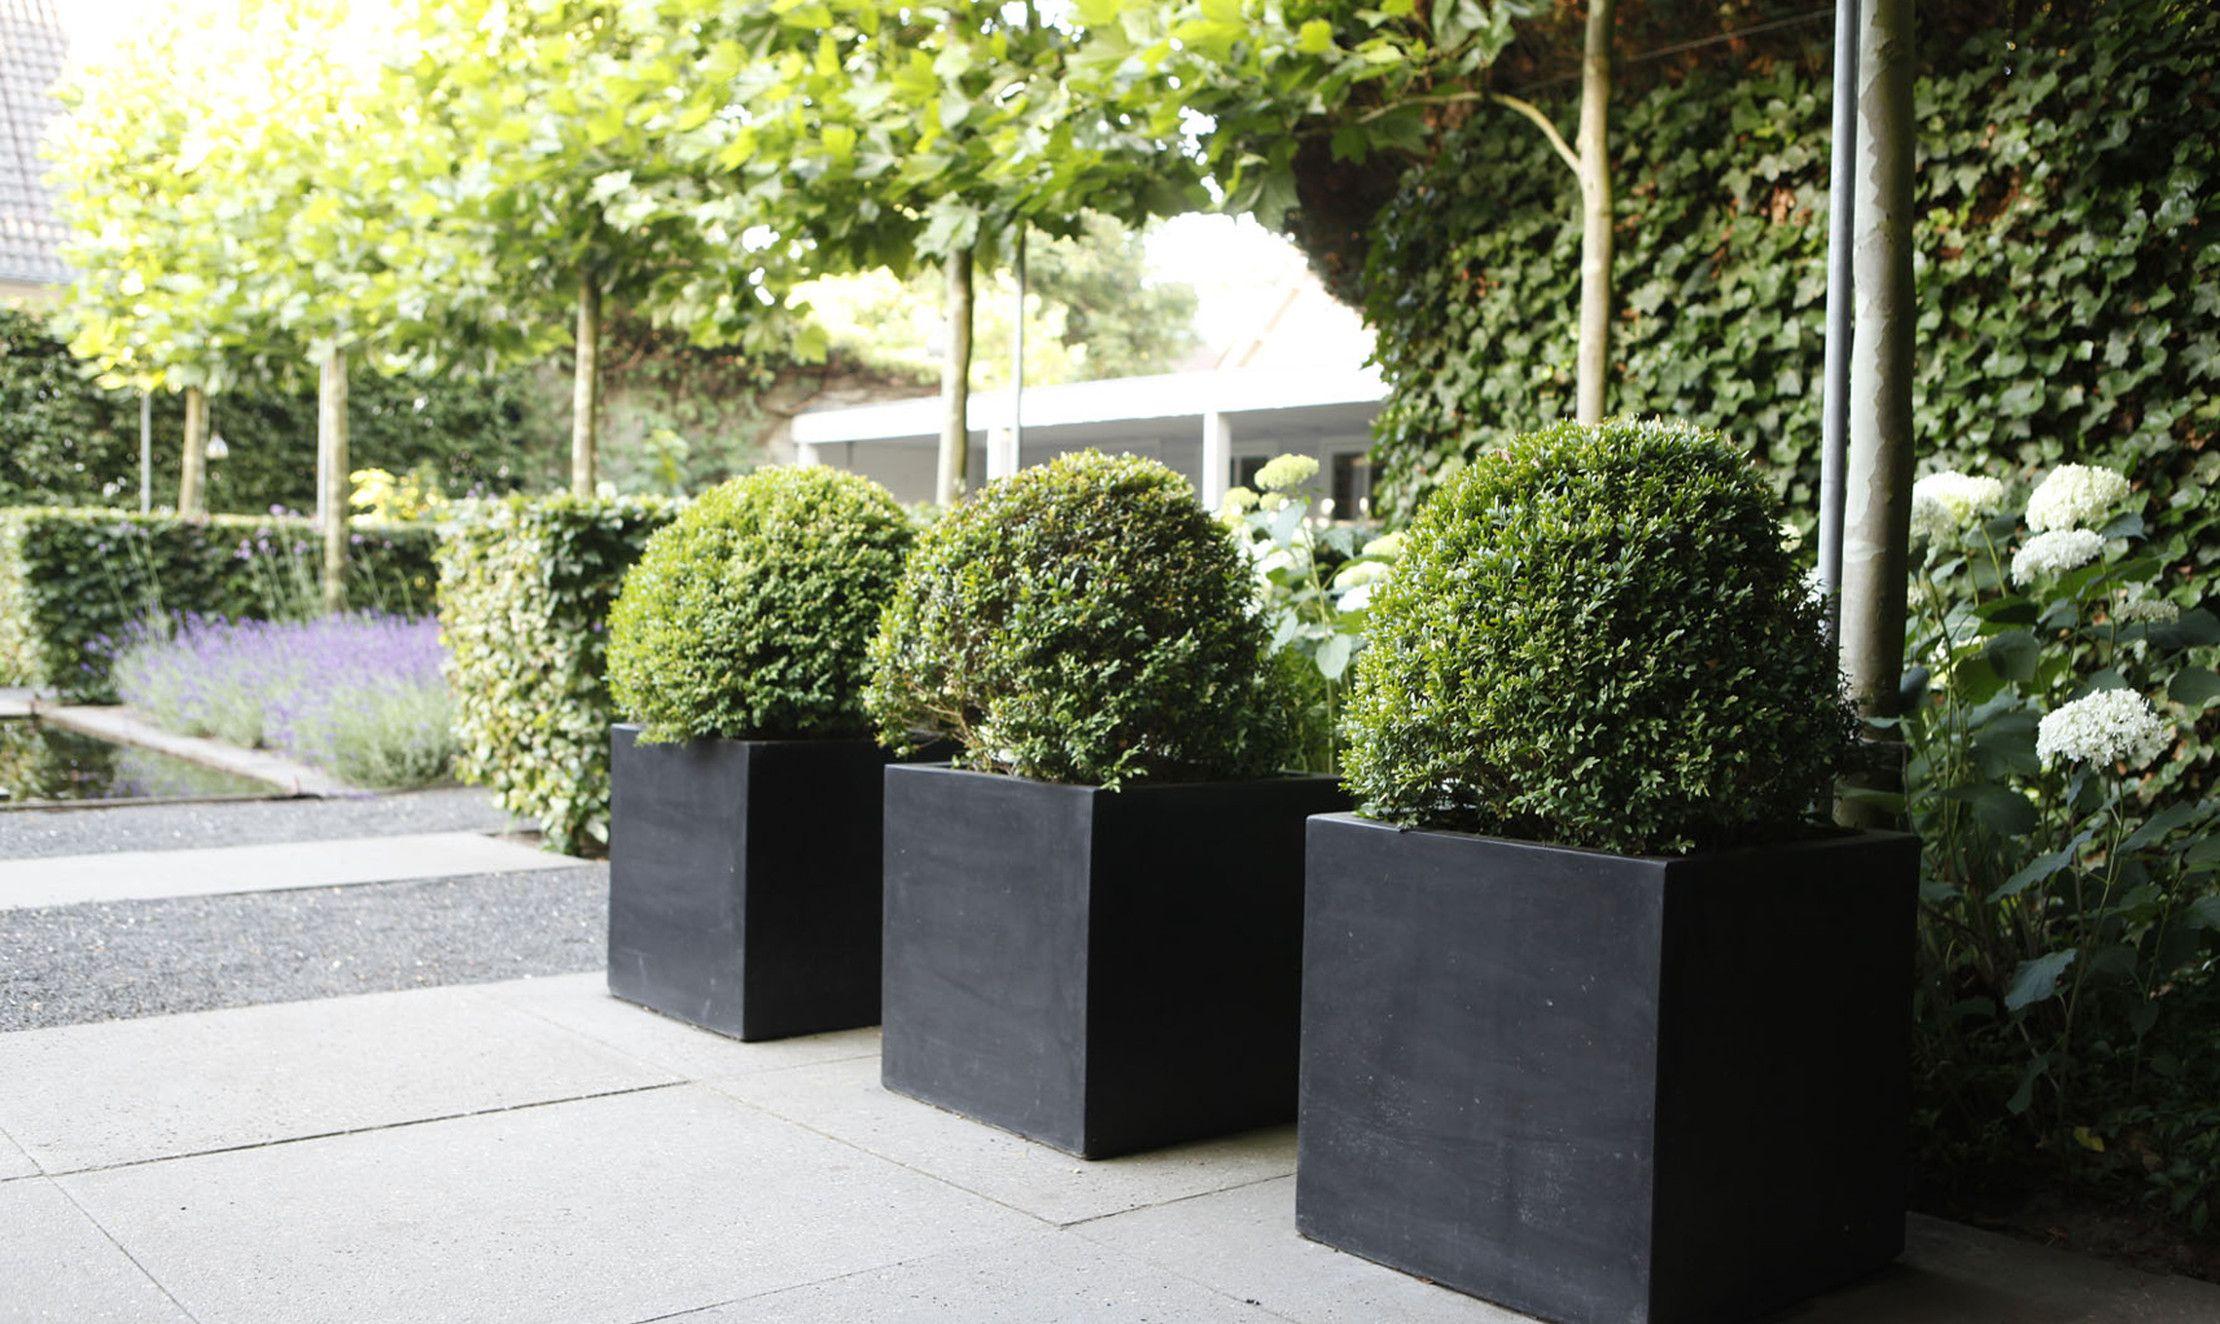 Afbeeldingsresultaat voor plantenbakken buiten